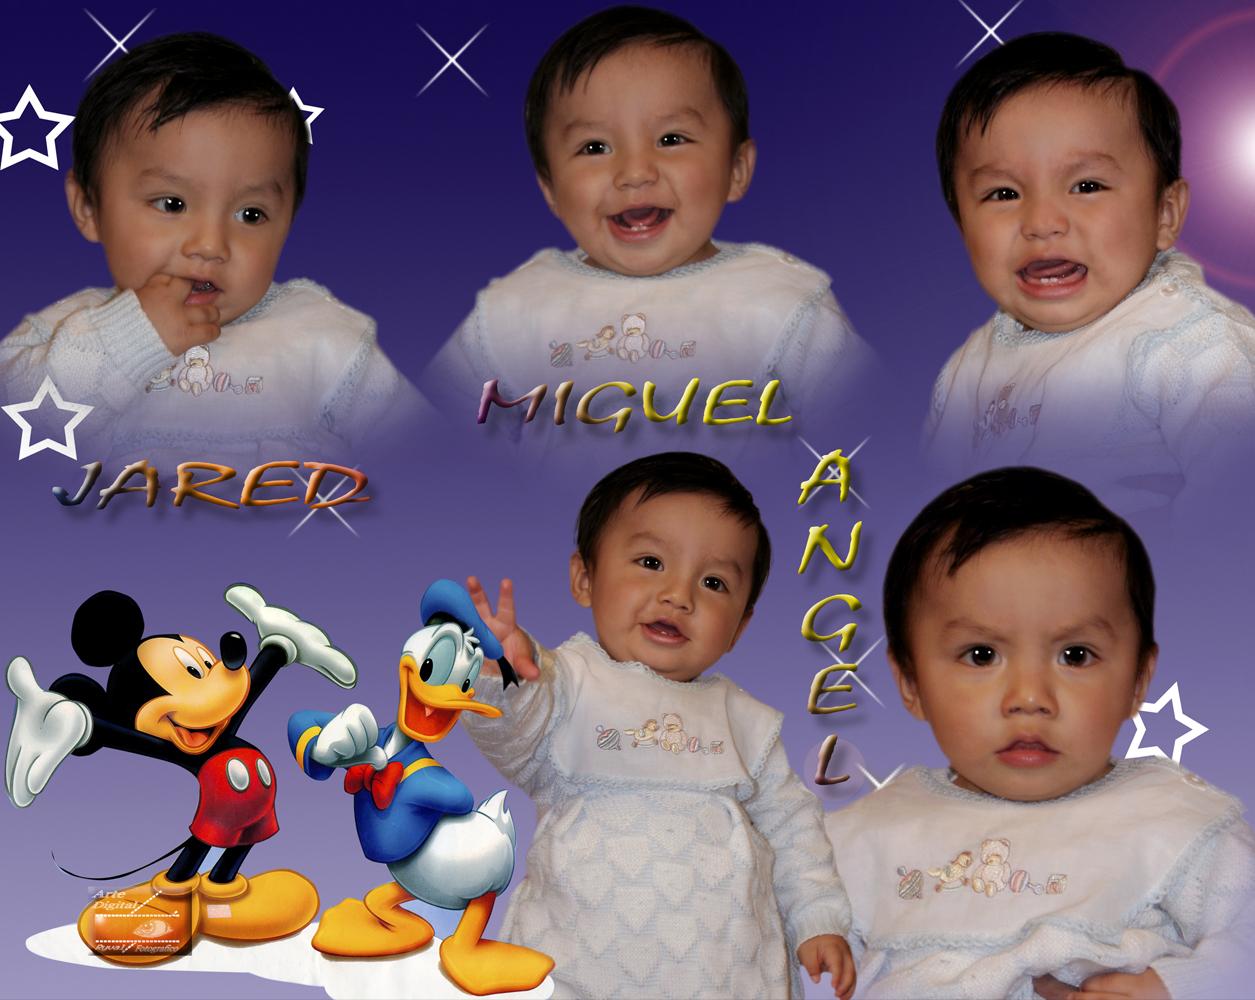 ... sencillas para tu familia en fotografias de bebes y ninos